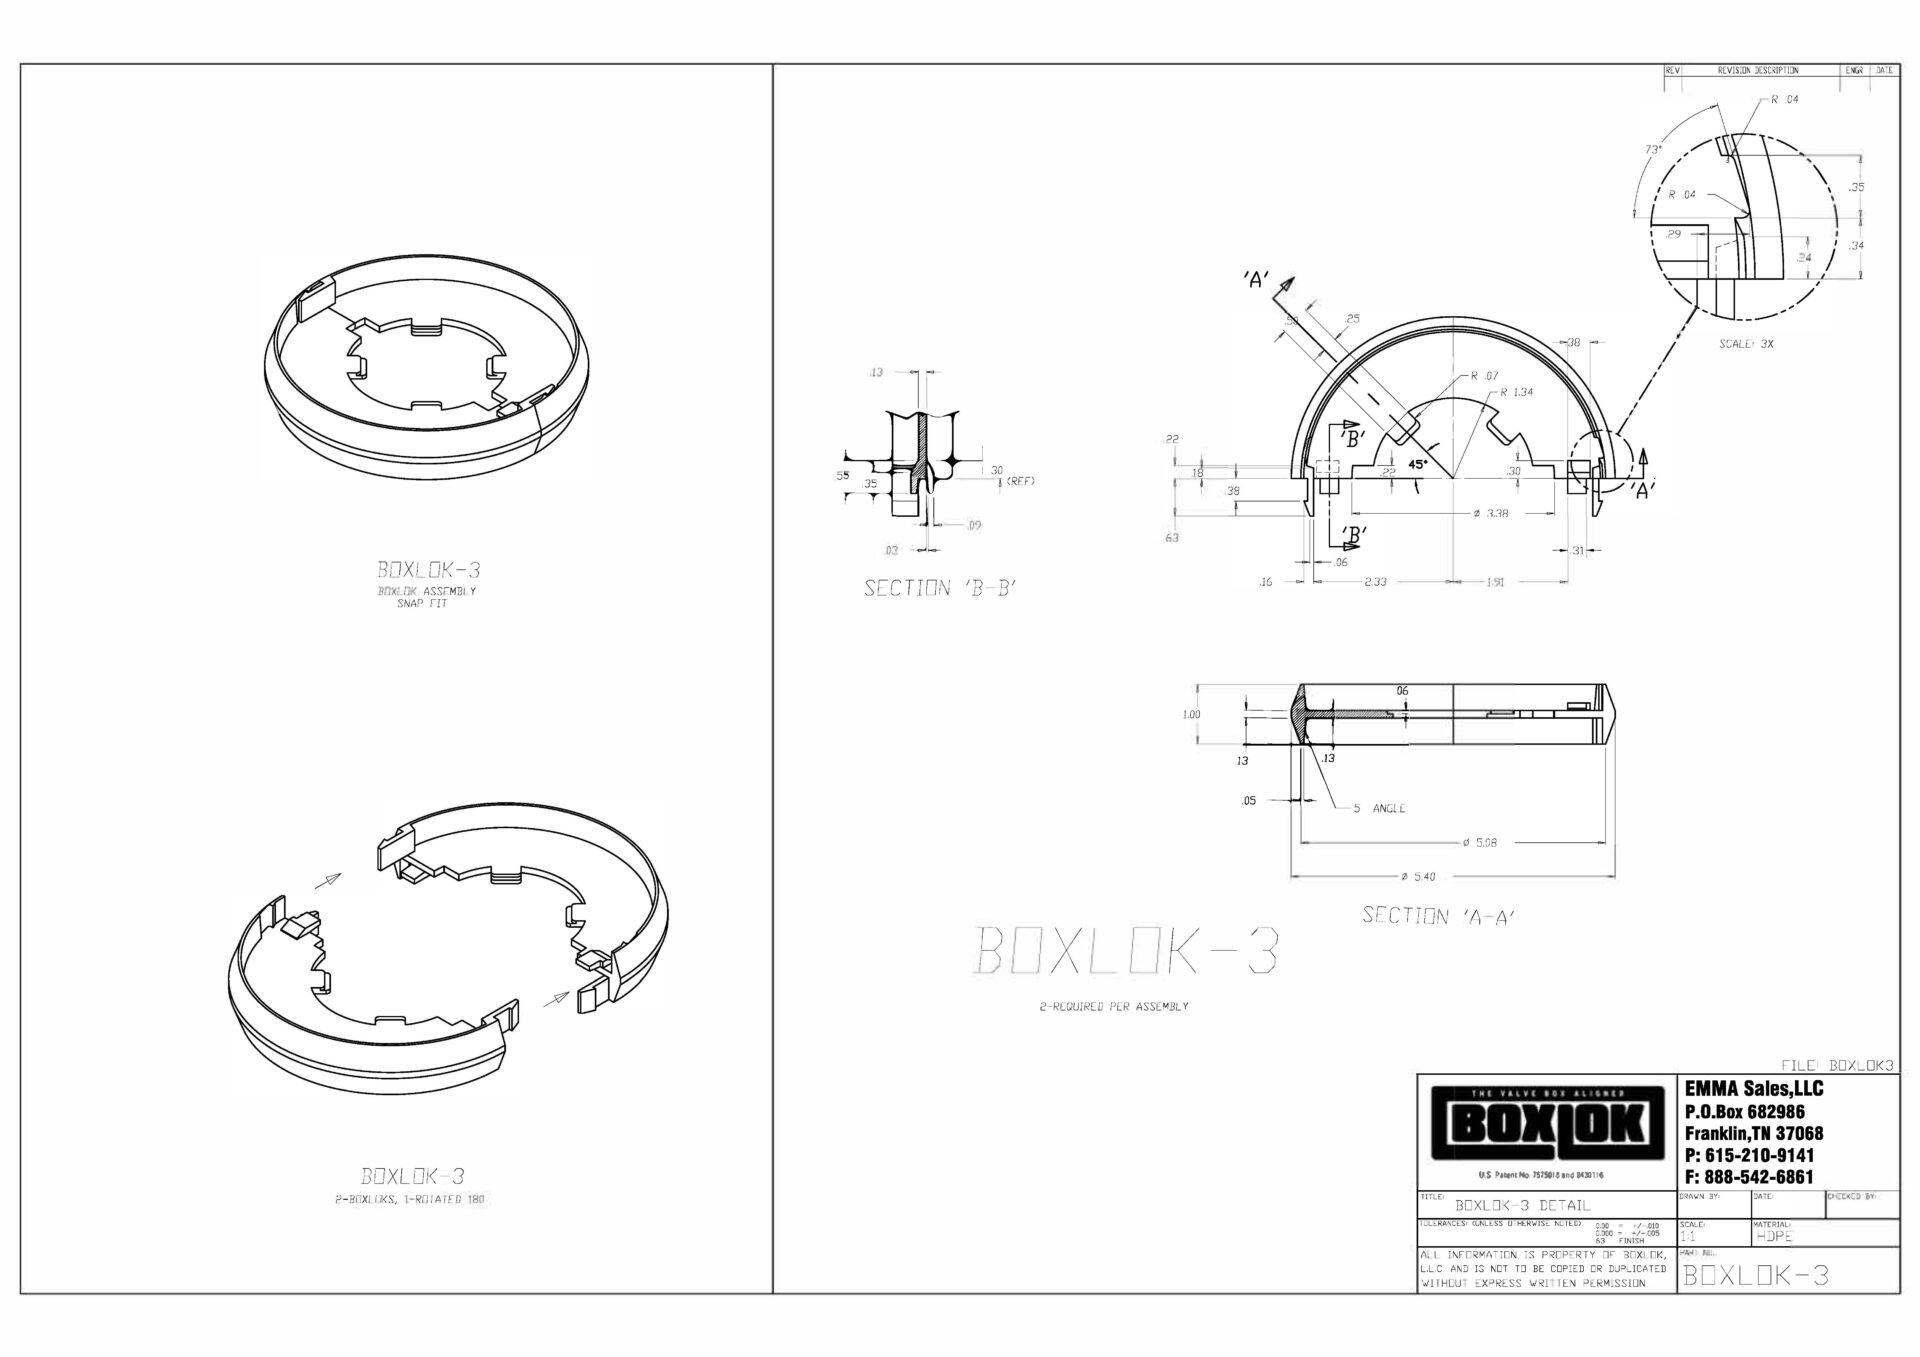 Boxlok-3 Drawing